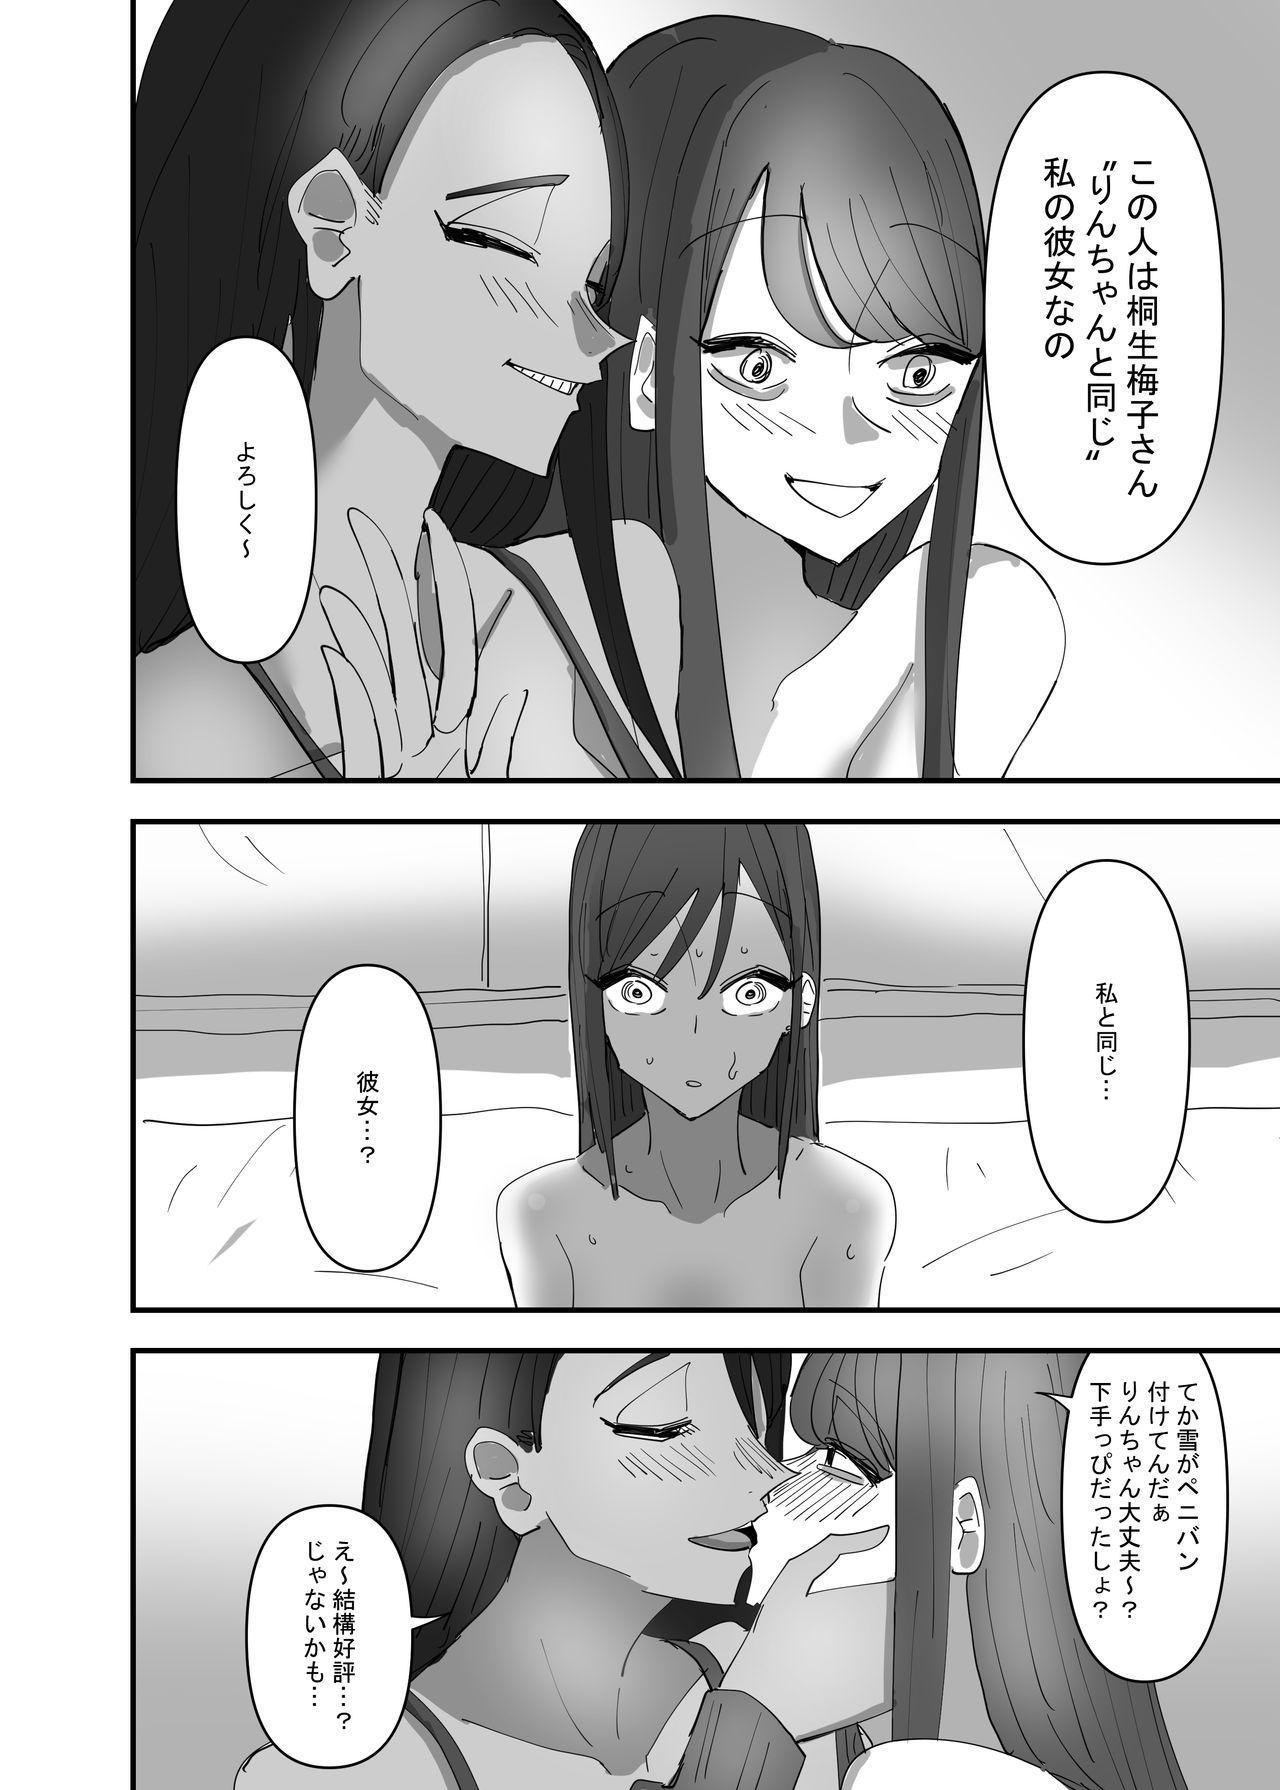 Yuri, Sakimidareru3 17